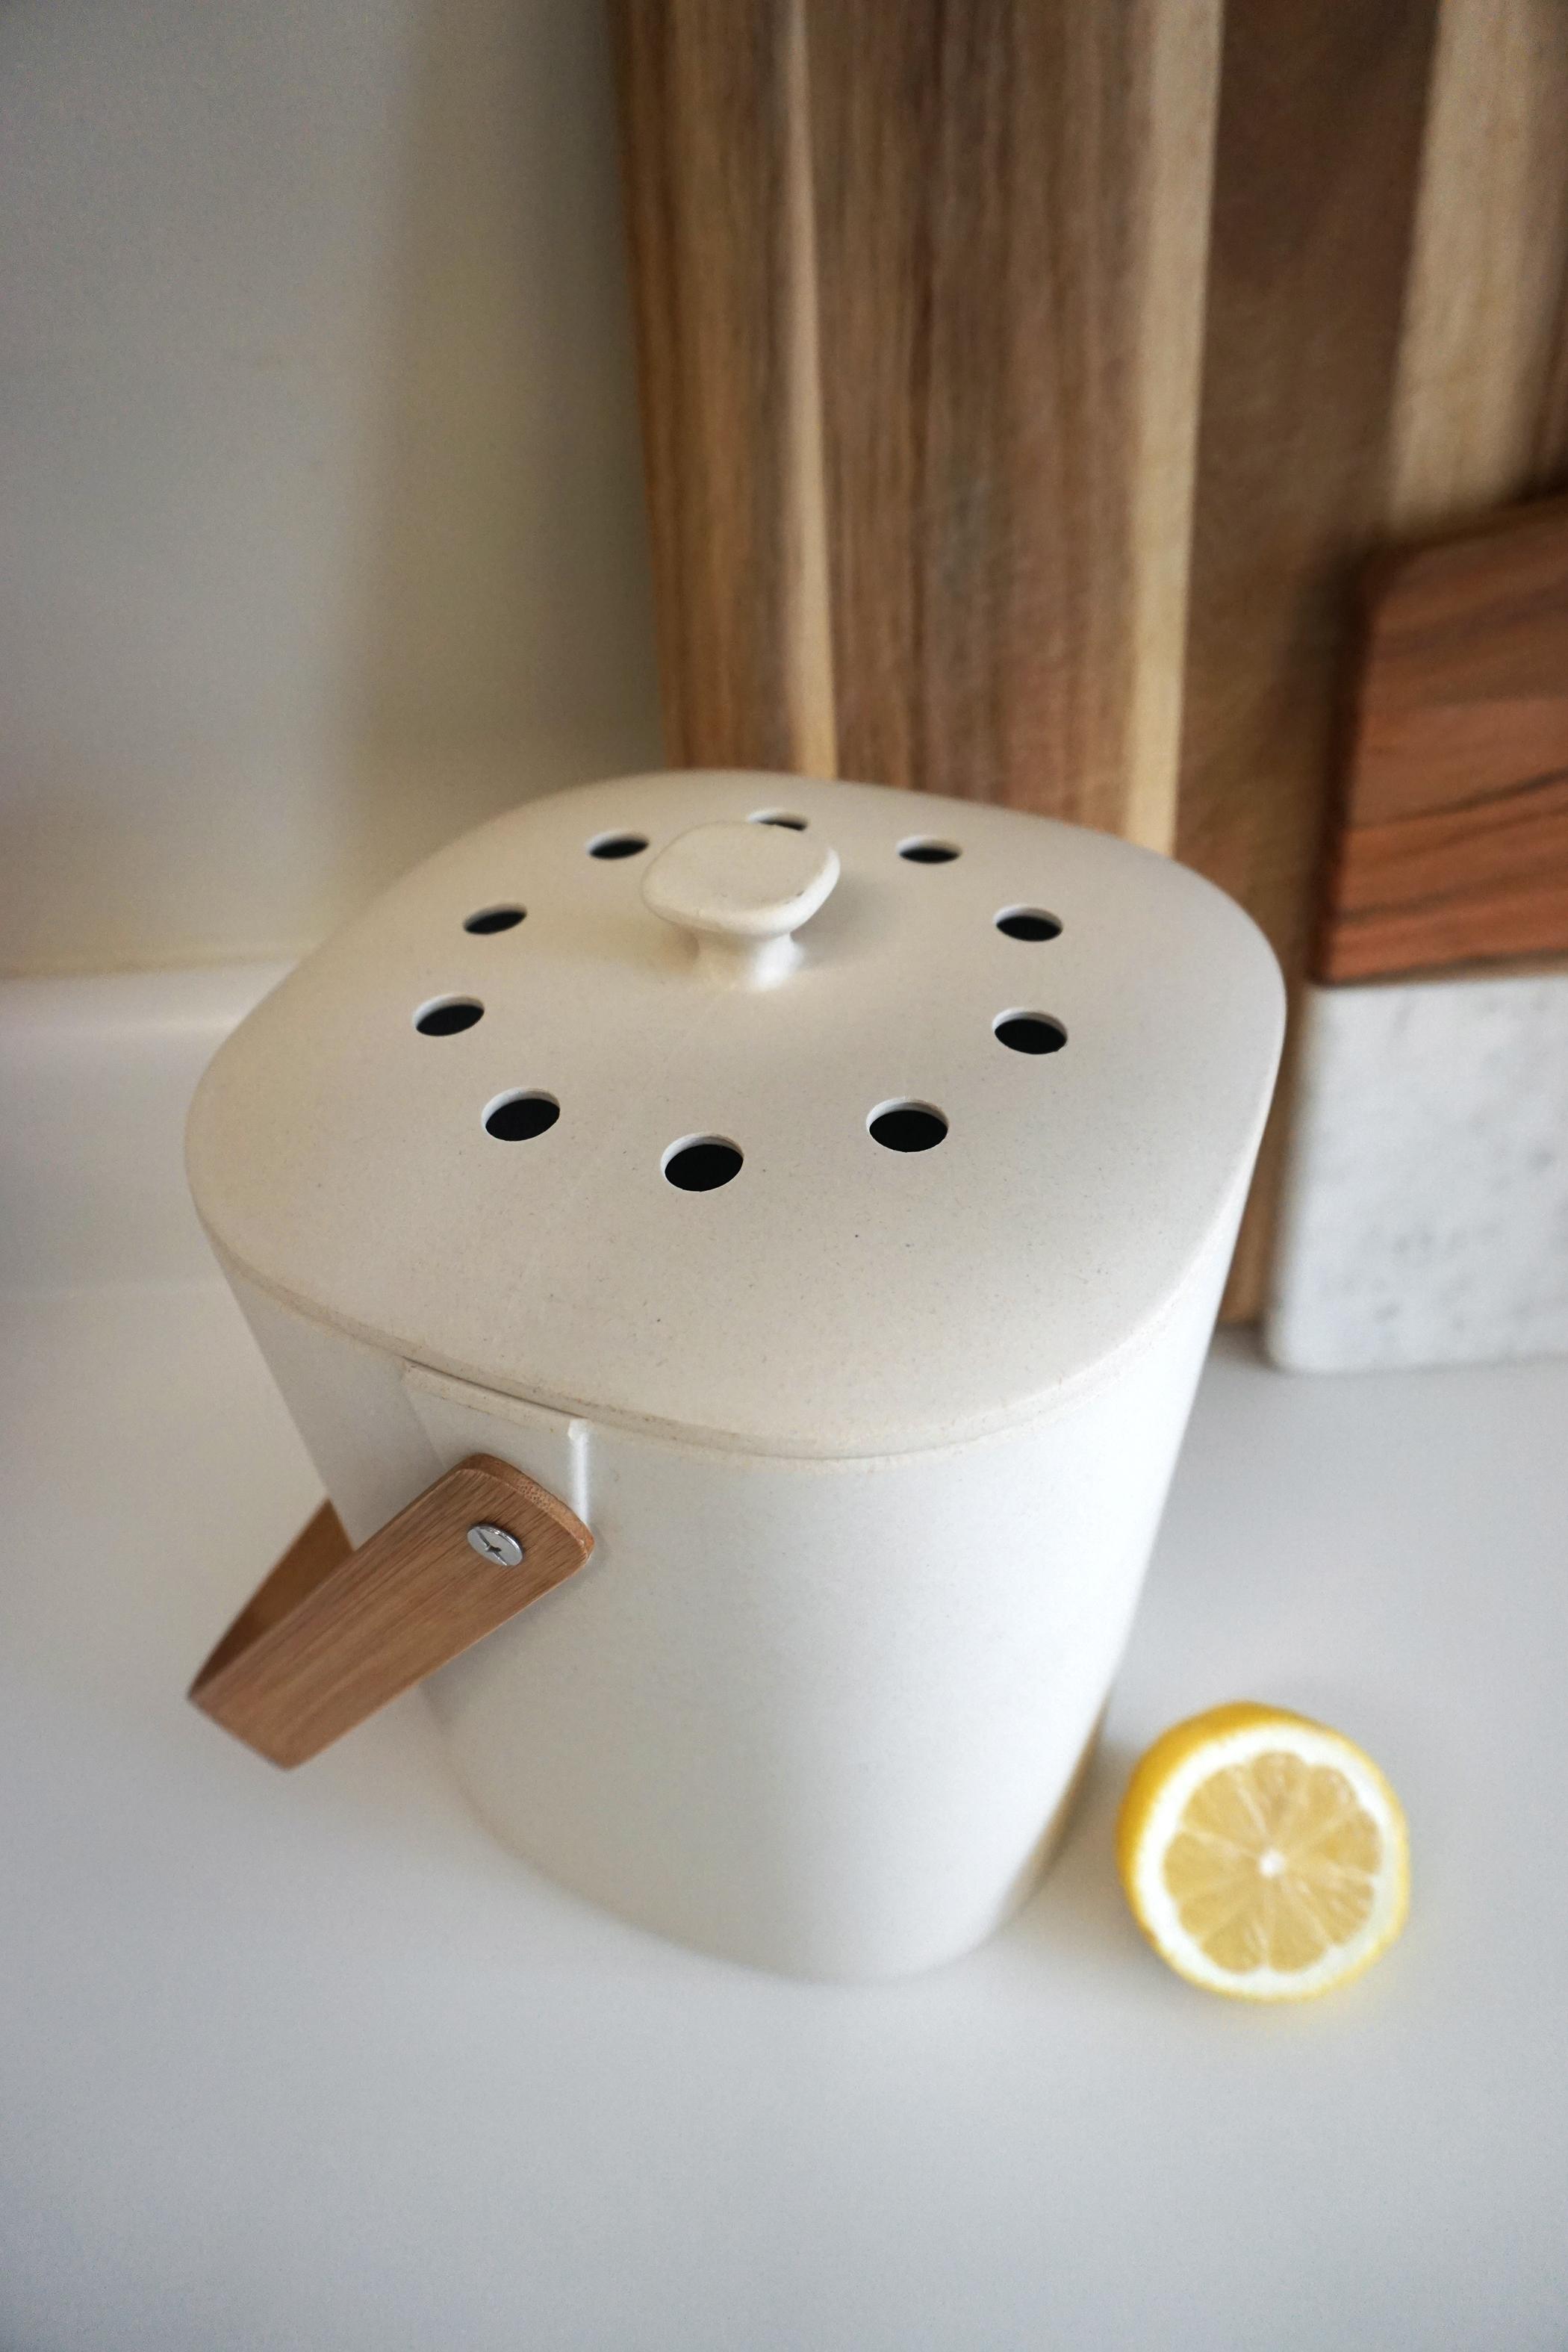 Bamboozle_compost_bucket.jpg